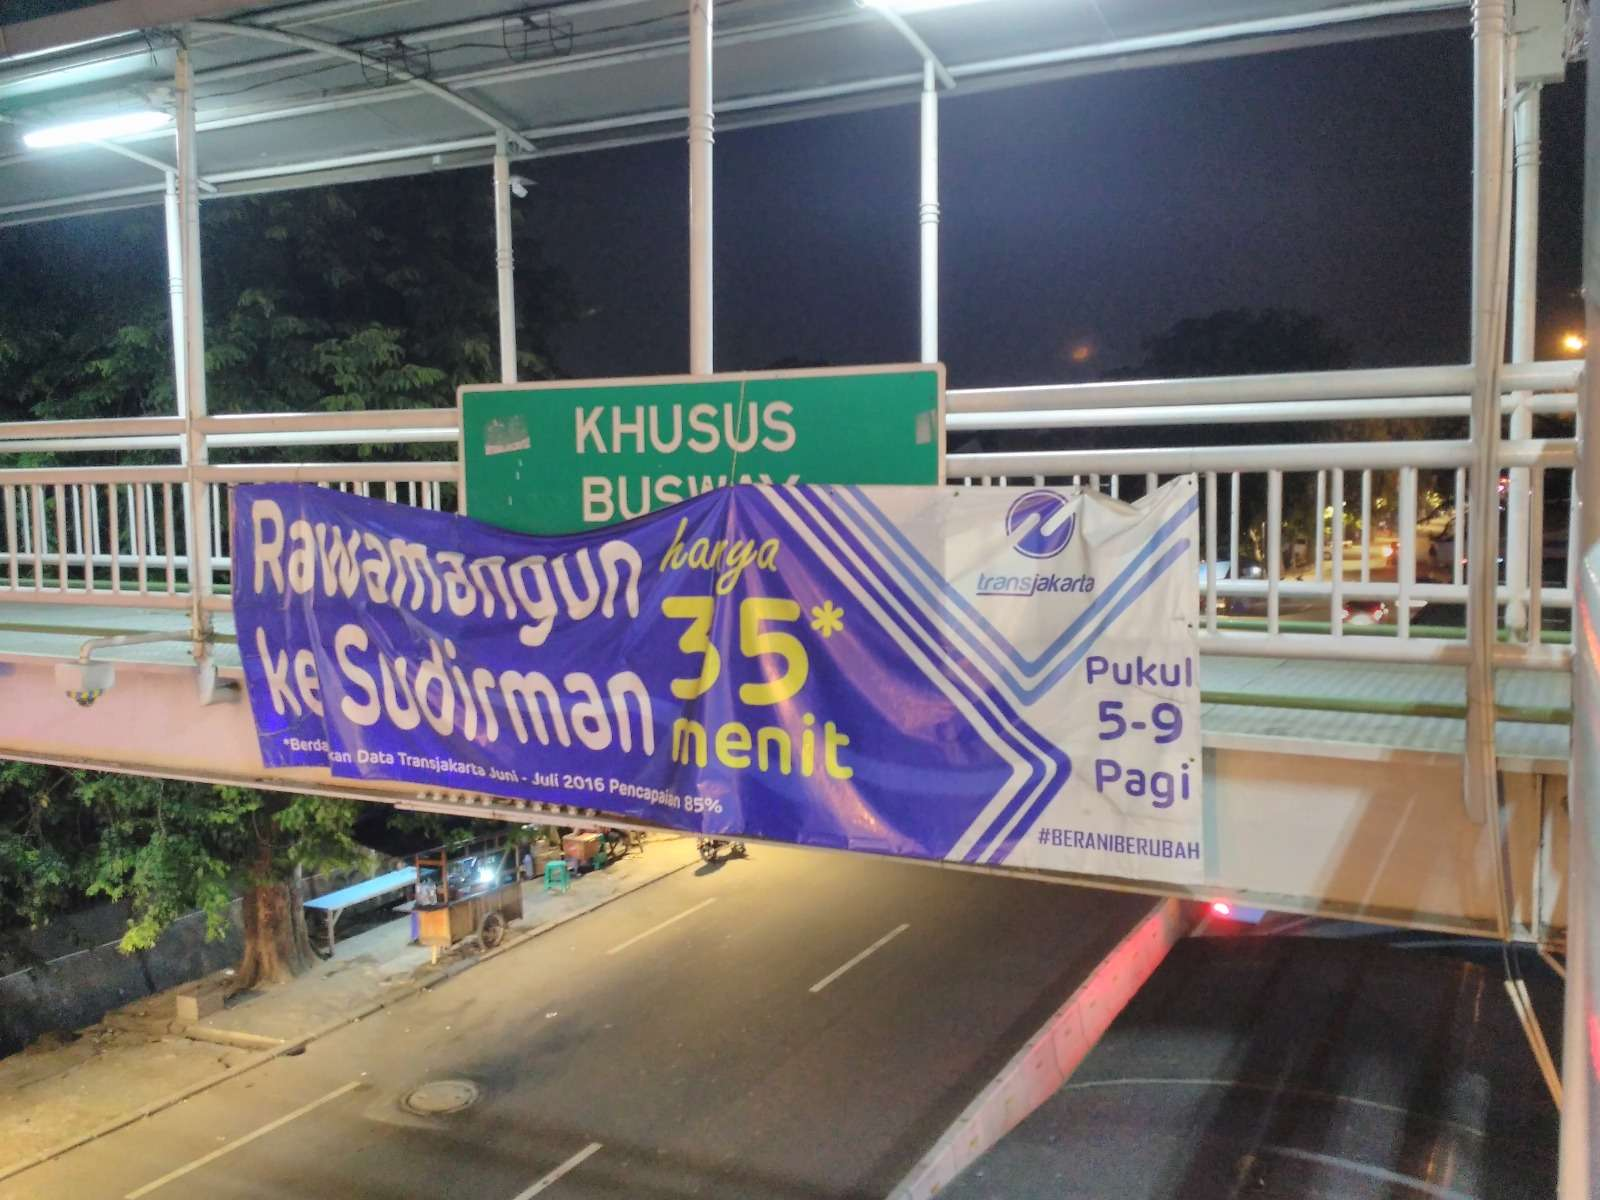 """Spanduk """"Rawamangun ke Sudirman hanya 35 menit*"""""""